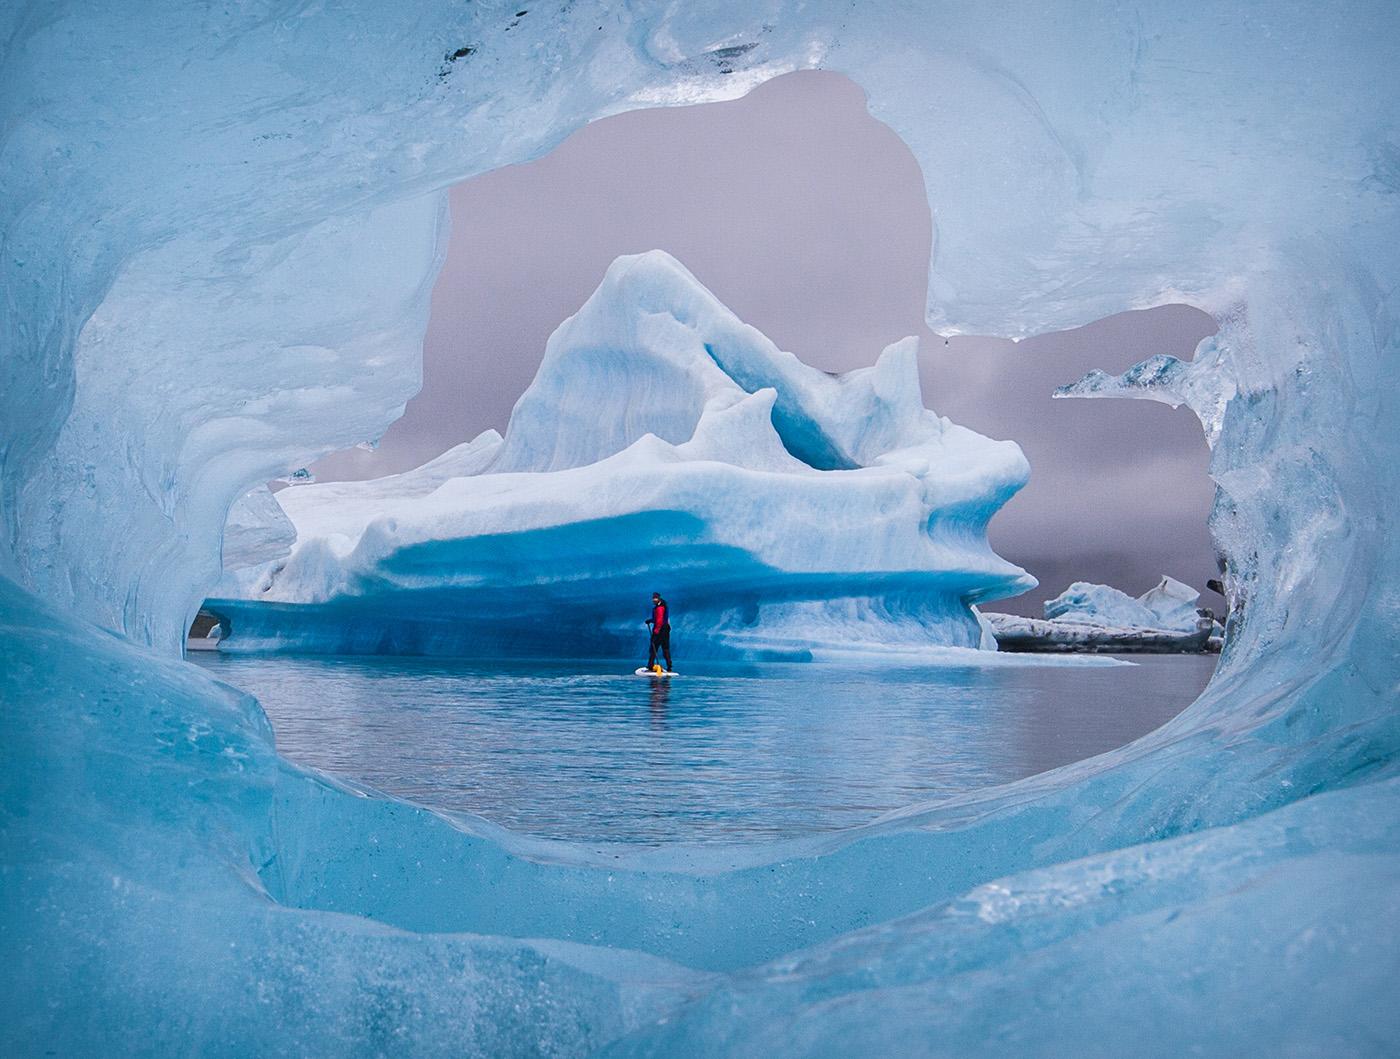 Glacier bear